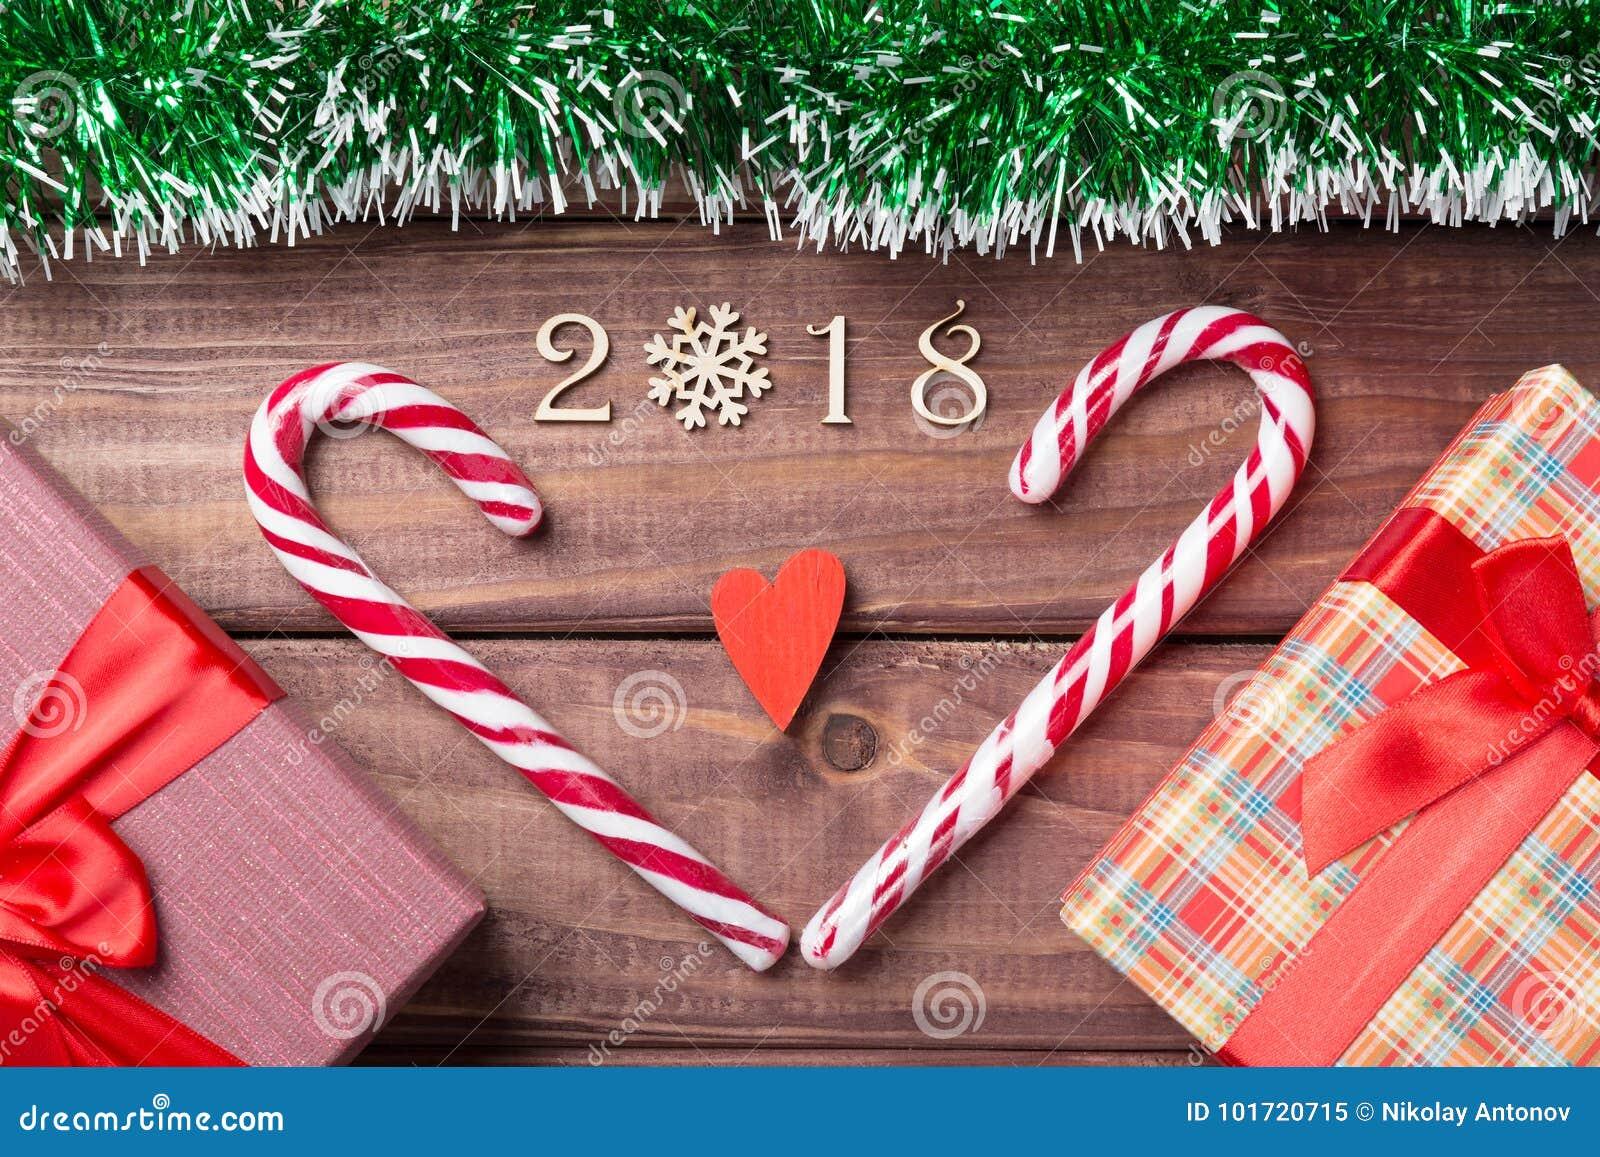 Nieuwjaar of Kerstkaart de houten decoratieve waarden van 2018 met hart gevormd suikergoedriet, giftboxes en rood hart met groene